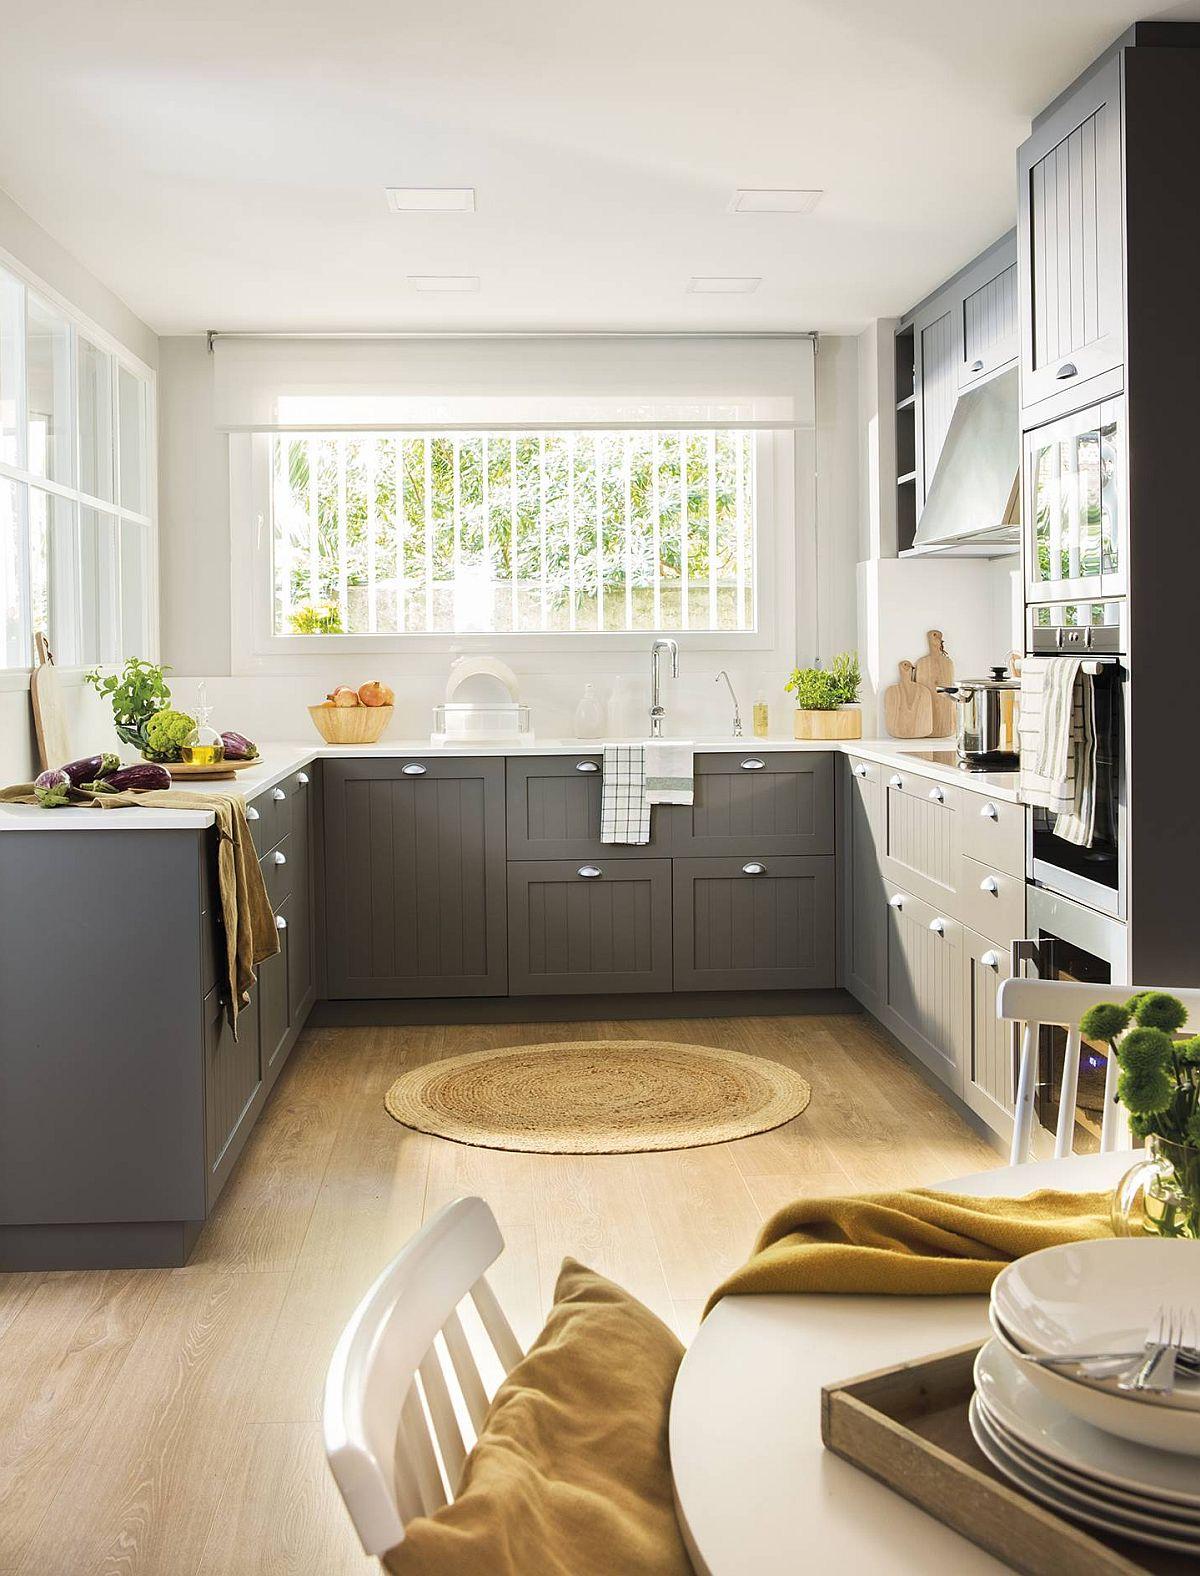 Bucătăria este excelent organizată, având în vedere prezența ferestrelor generoase.